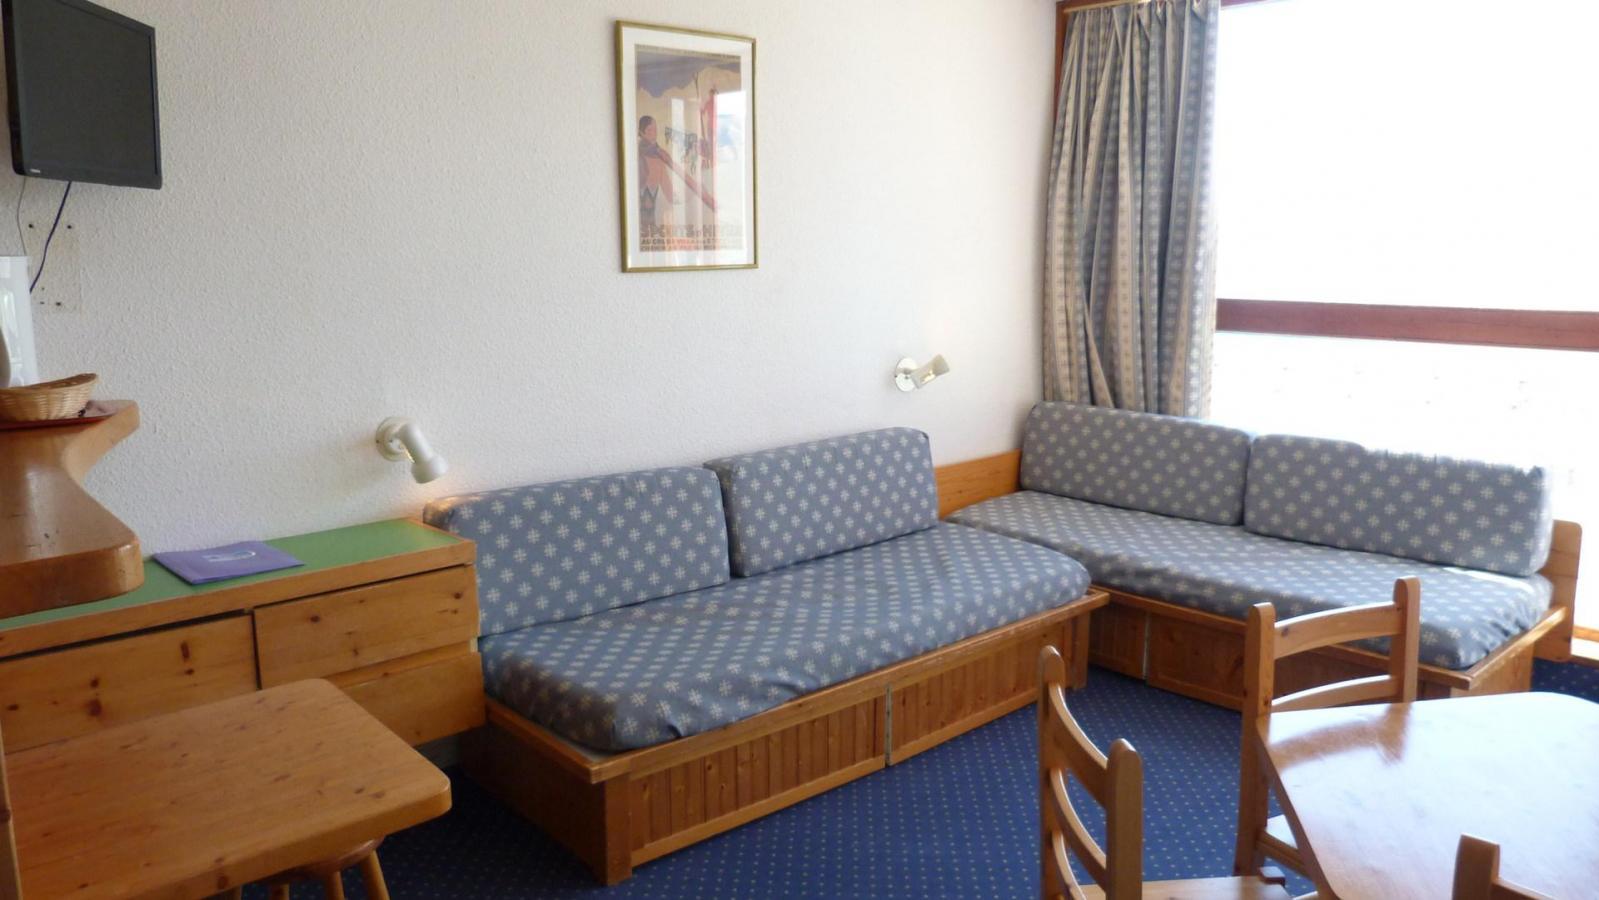 Location au ski Appartement 2 pièces 5 personnes (321) - Residence Les Tournavelles - Les Arcs - Banquette-lit